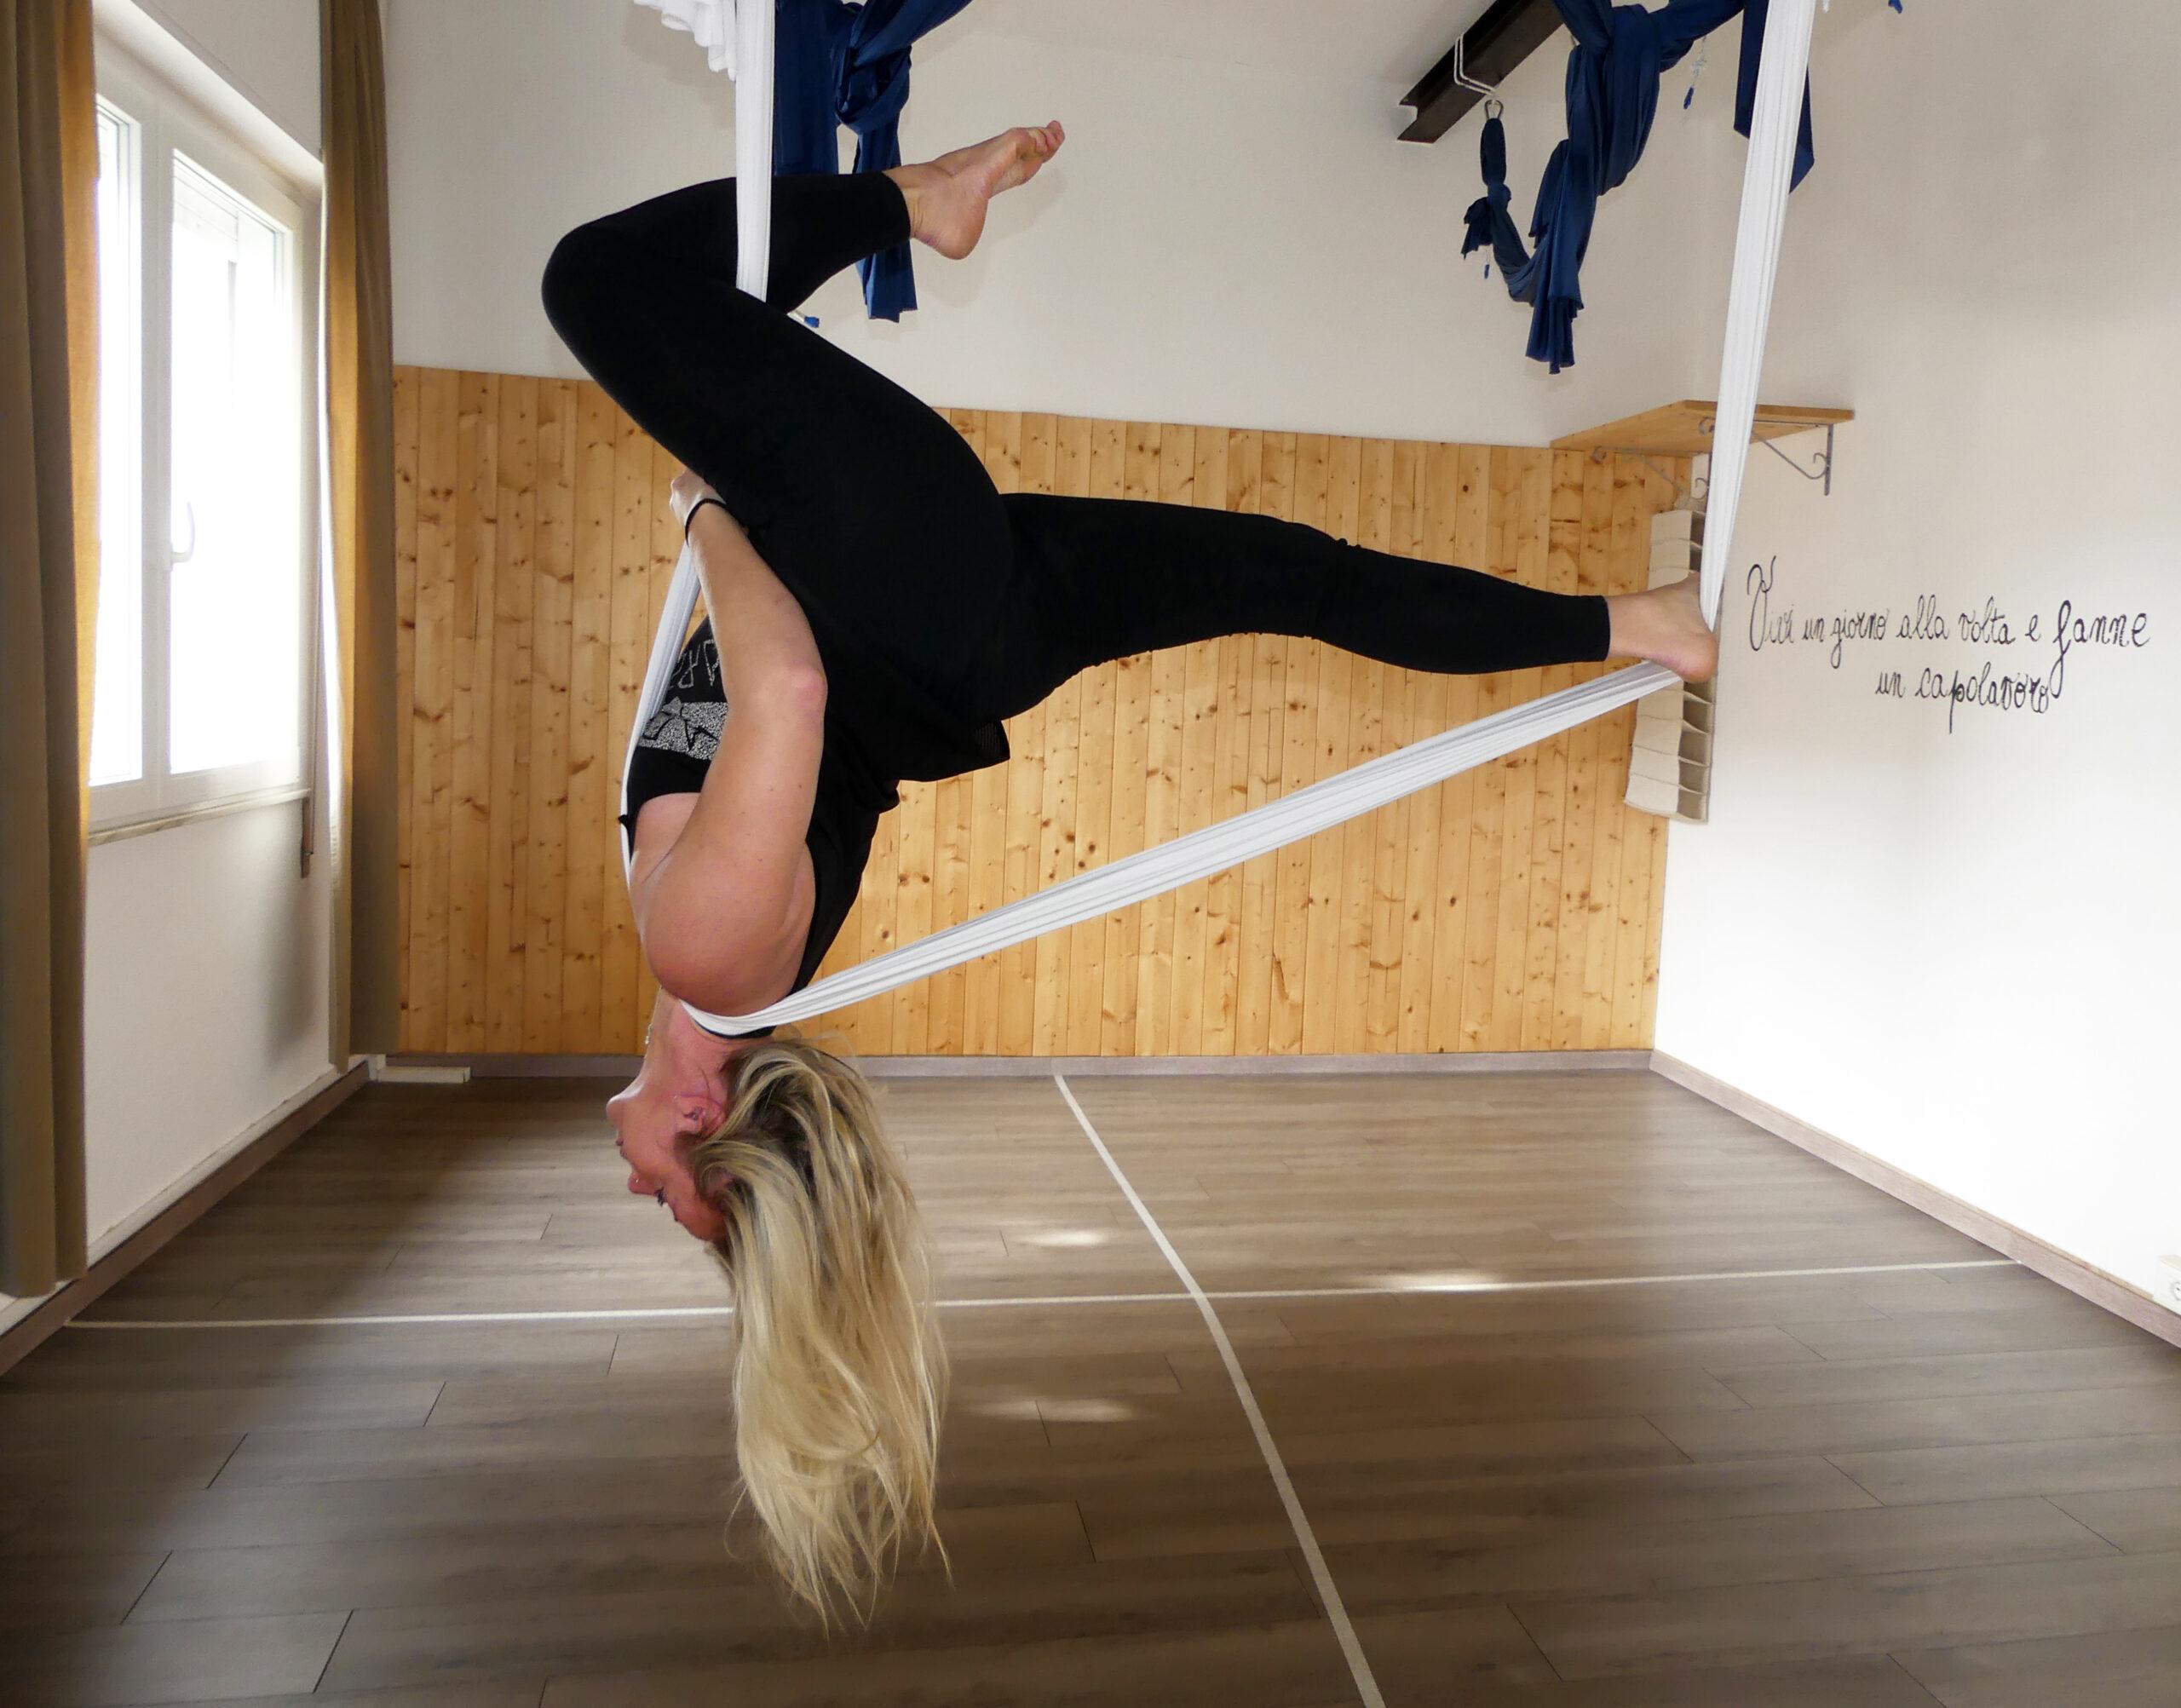 Cinzia Bertuccelli insegnante yoga il centro 4.0 viareggio aerial gravity feet up trainer yoga benessere salute